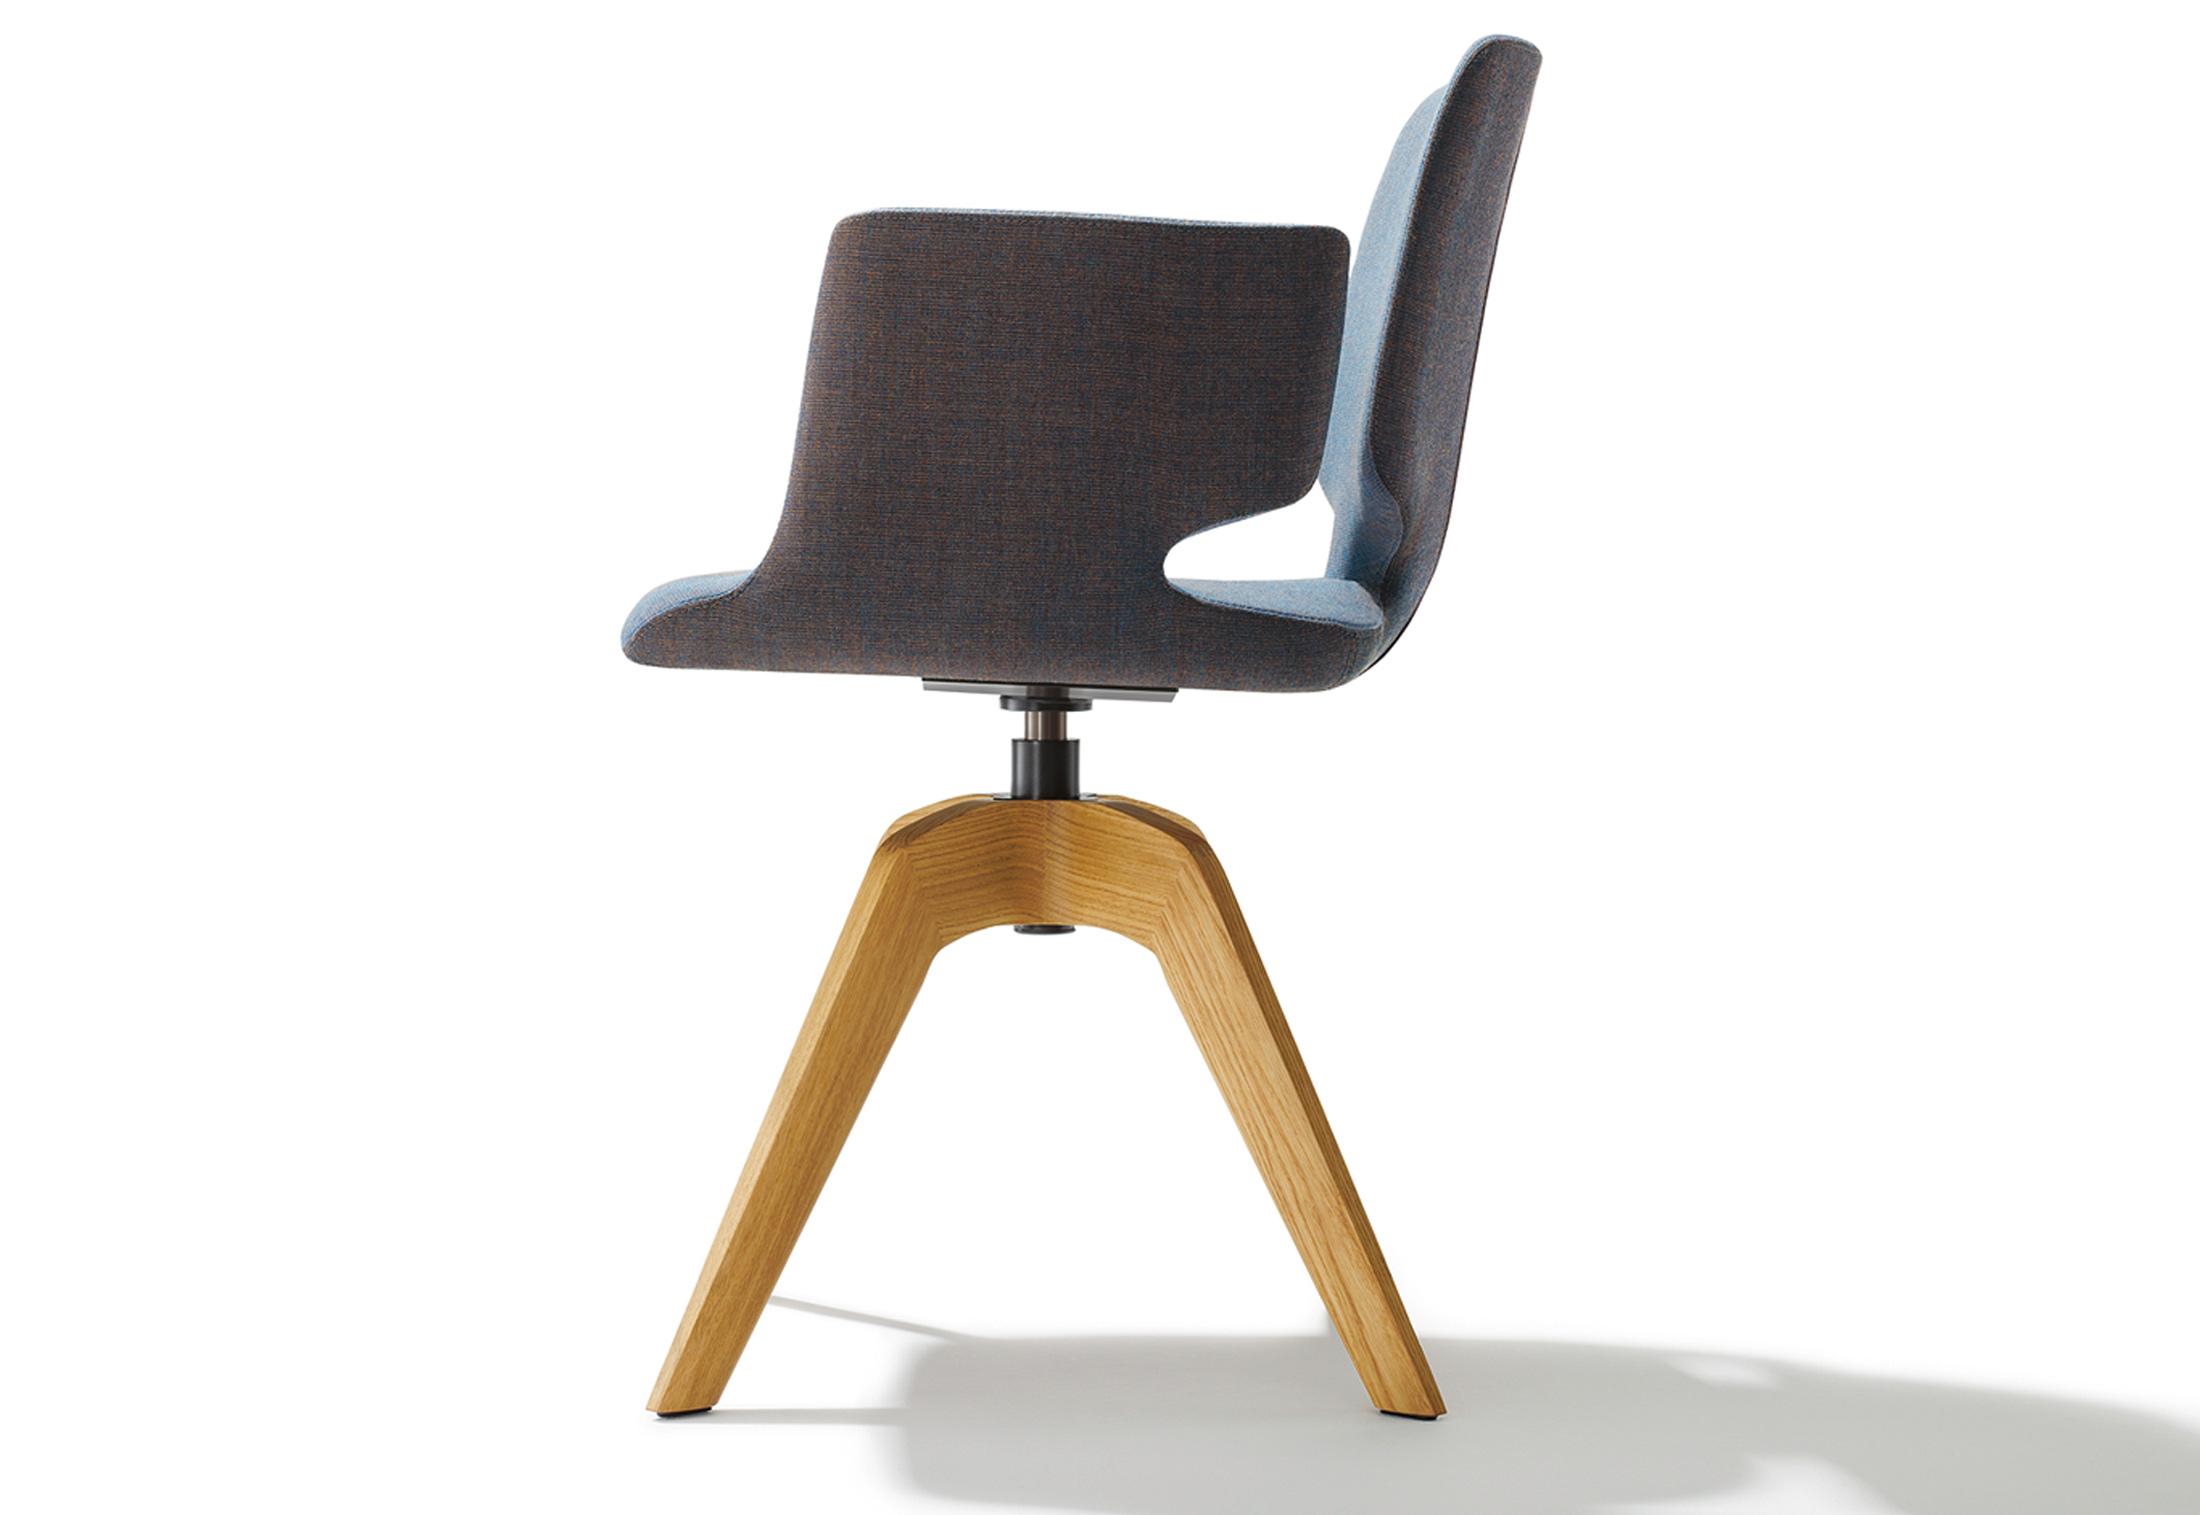 aye drehstuhl mit armlehnen von team 7 stylepark. Black Bedroom Furniture Sets. Home Design Ideas